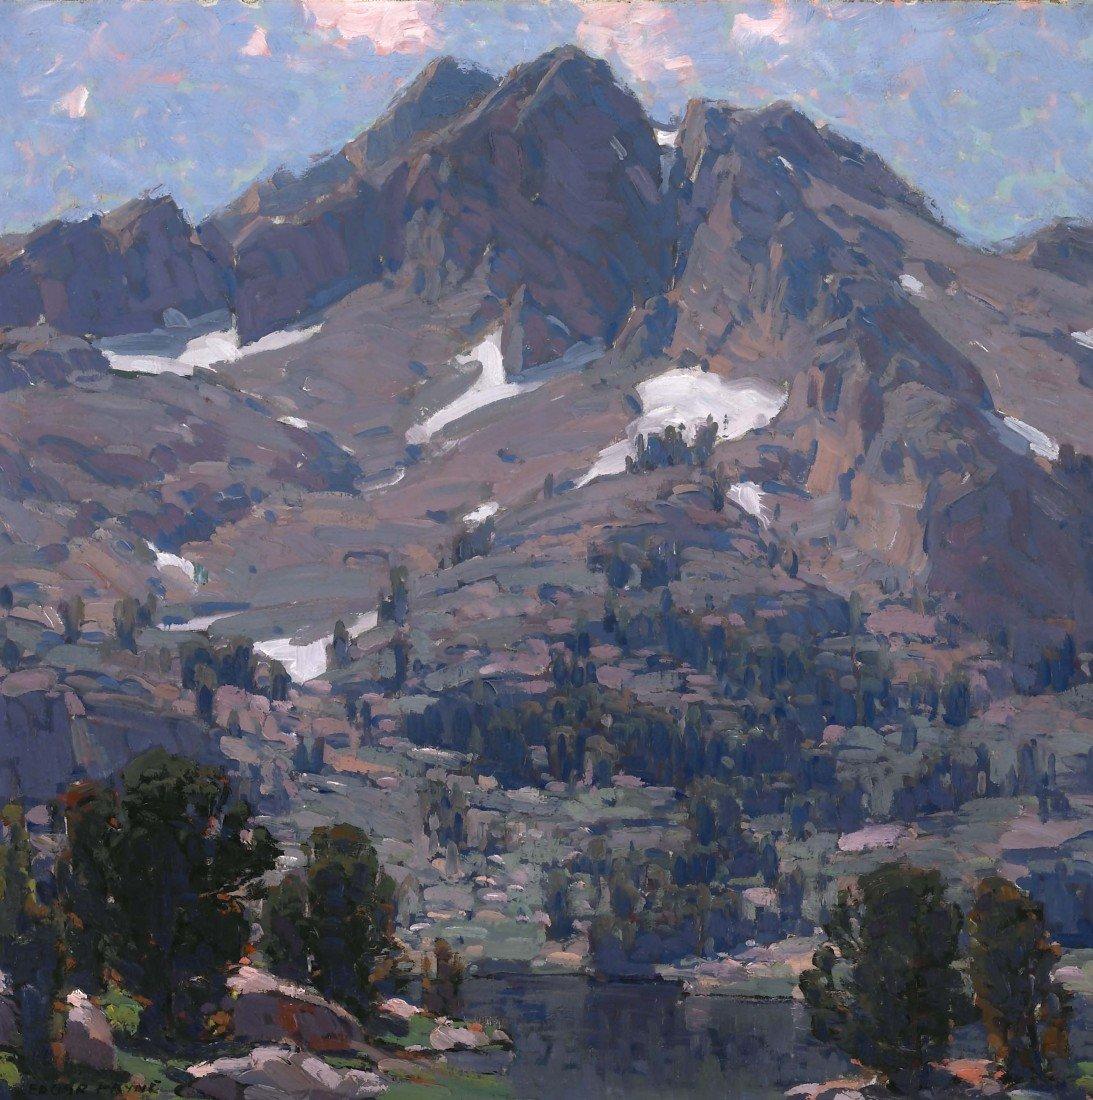 98: EDGAR ALWIN PAYNE, Sierra Landscape